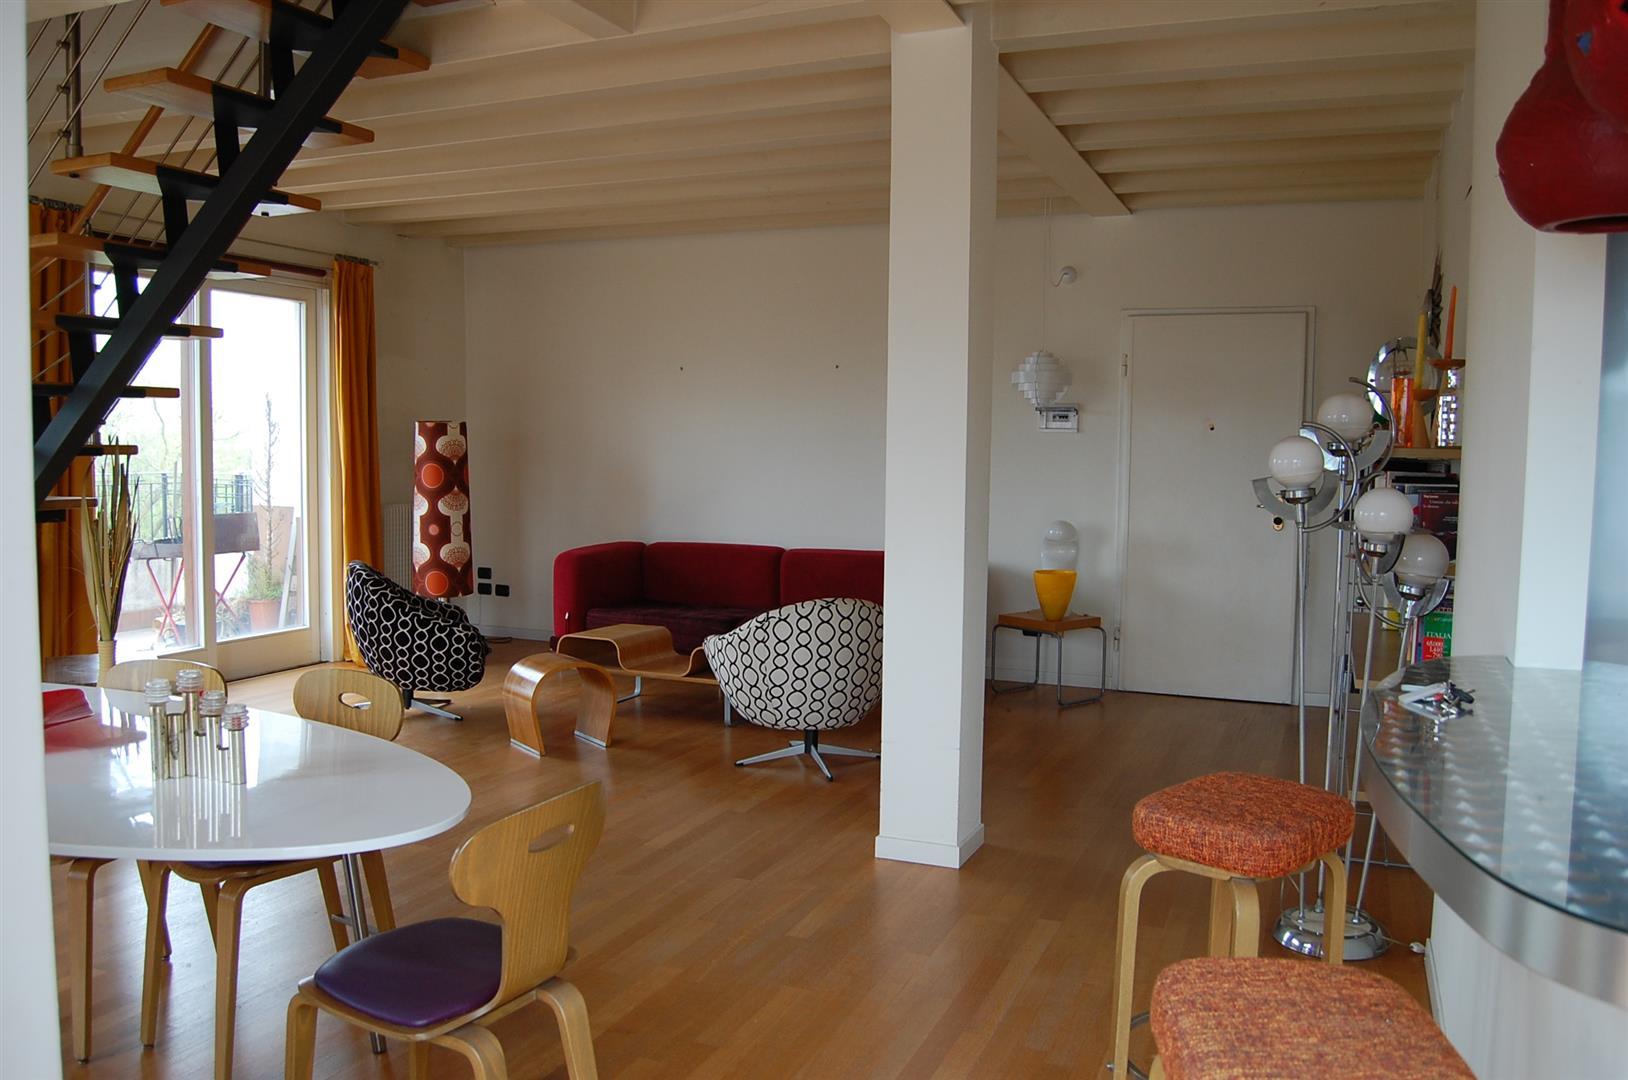 Appartamento in vendita a Jesolo, 4 locali, zona Località: Paese, prezzo € 245.000 | Cambio Casa.it